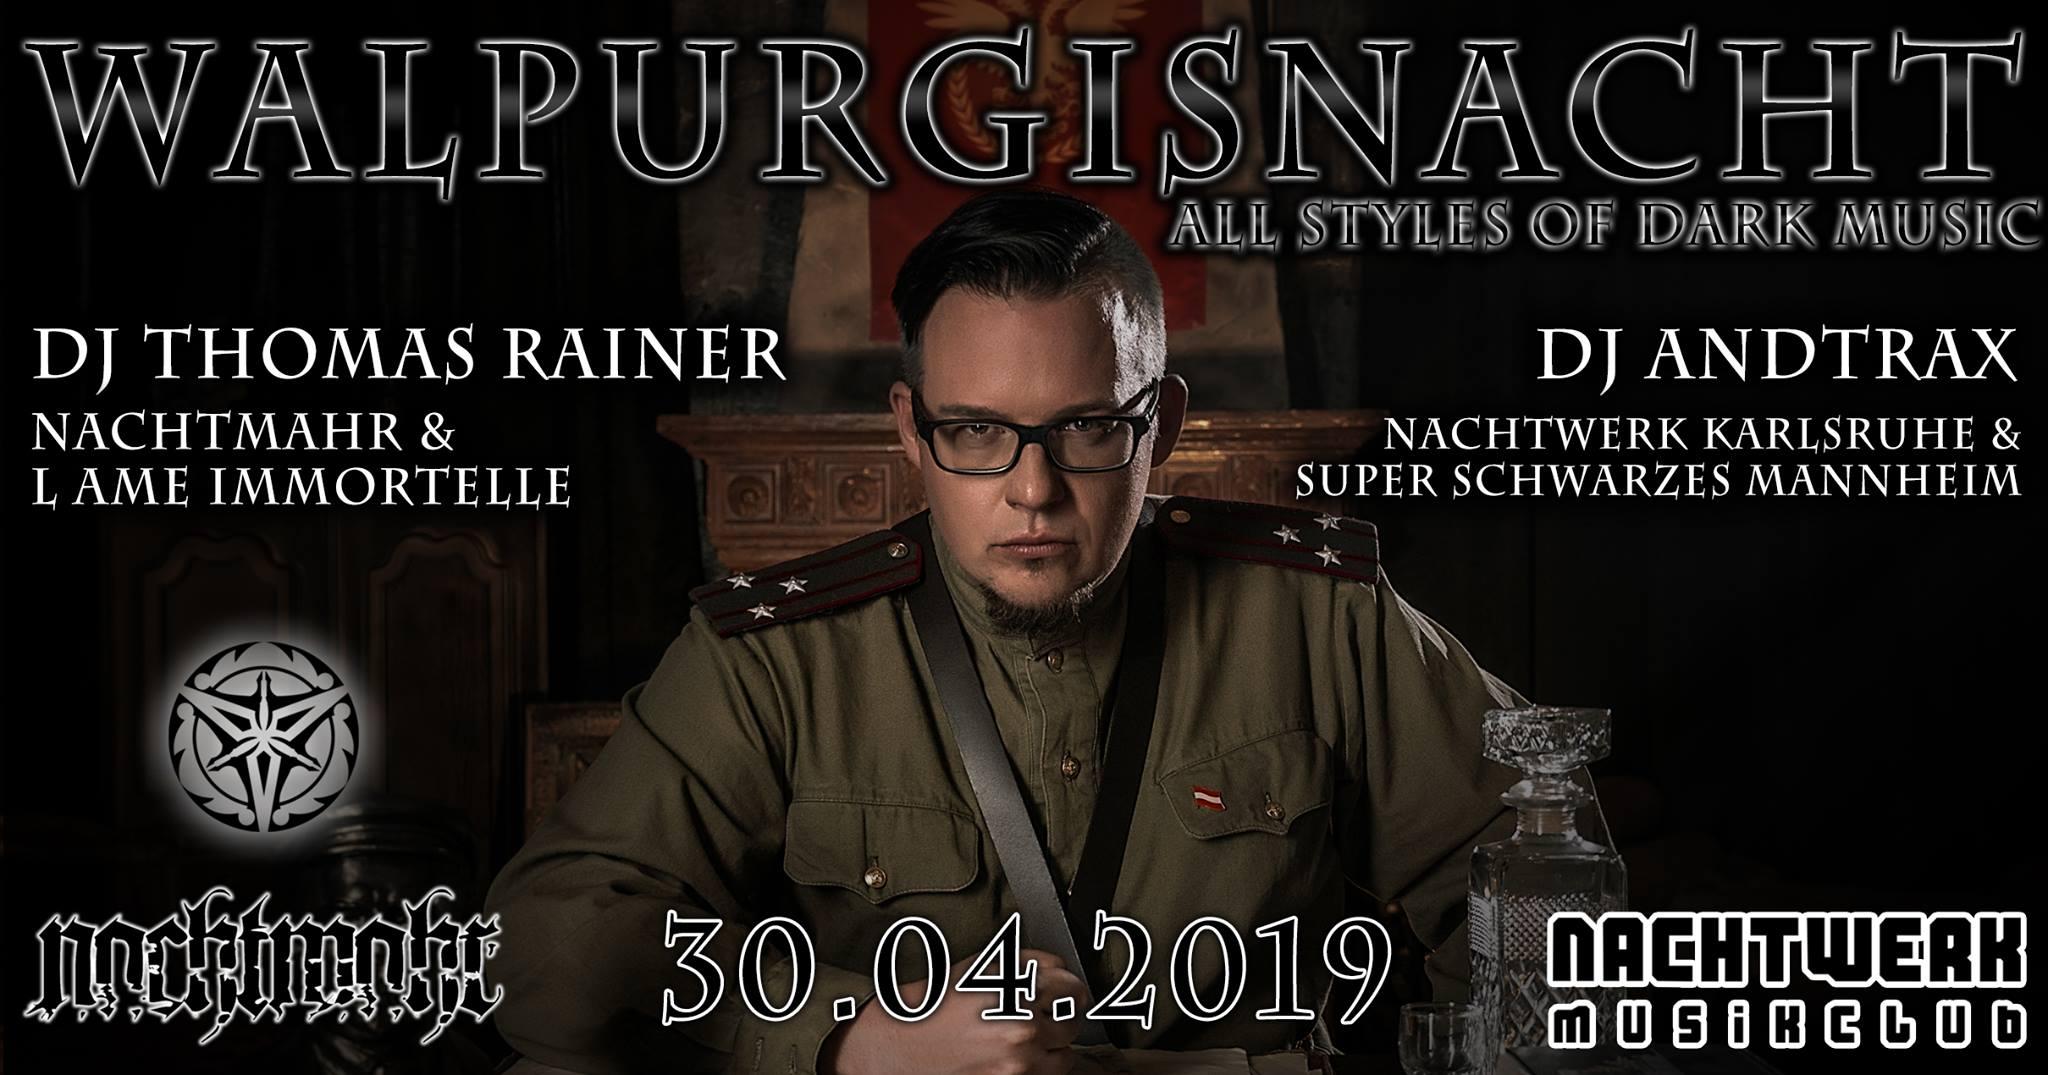 Walpurgisnacht